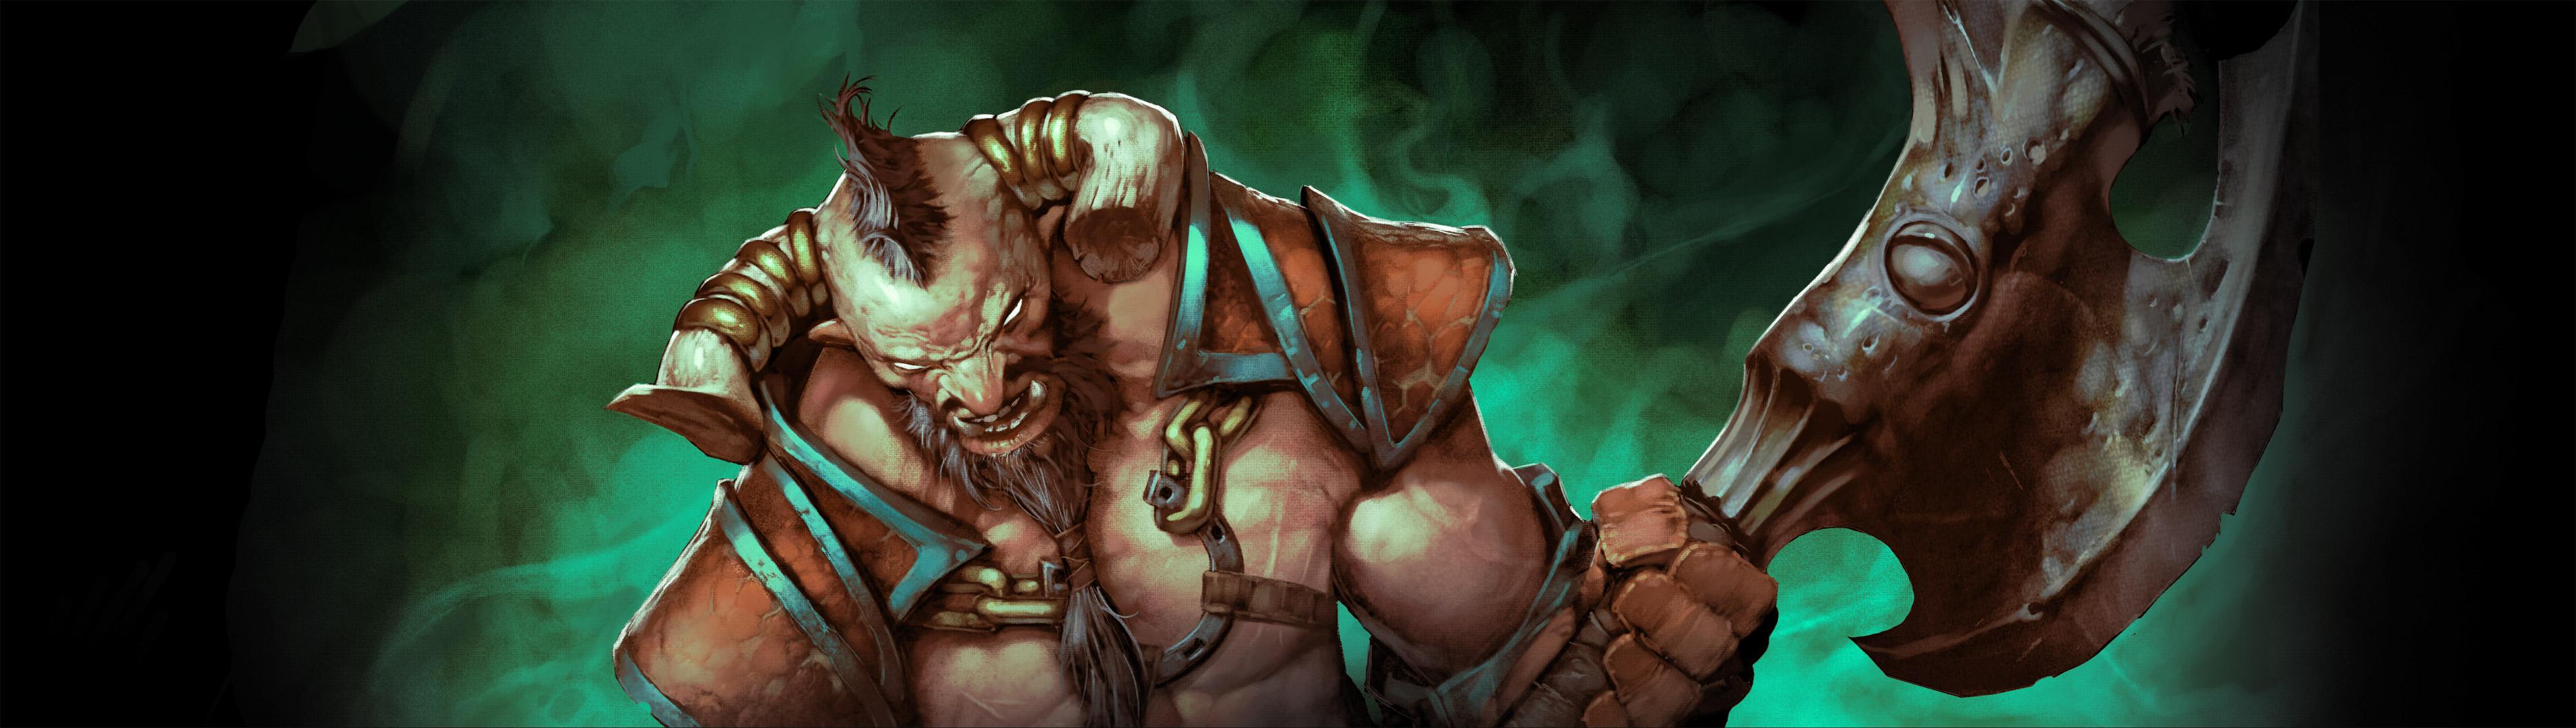 Loạt ảnh nguyên họa của các hero trong DotA 2 - Ảnh 34